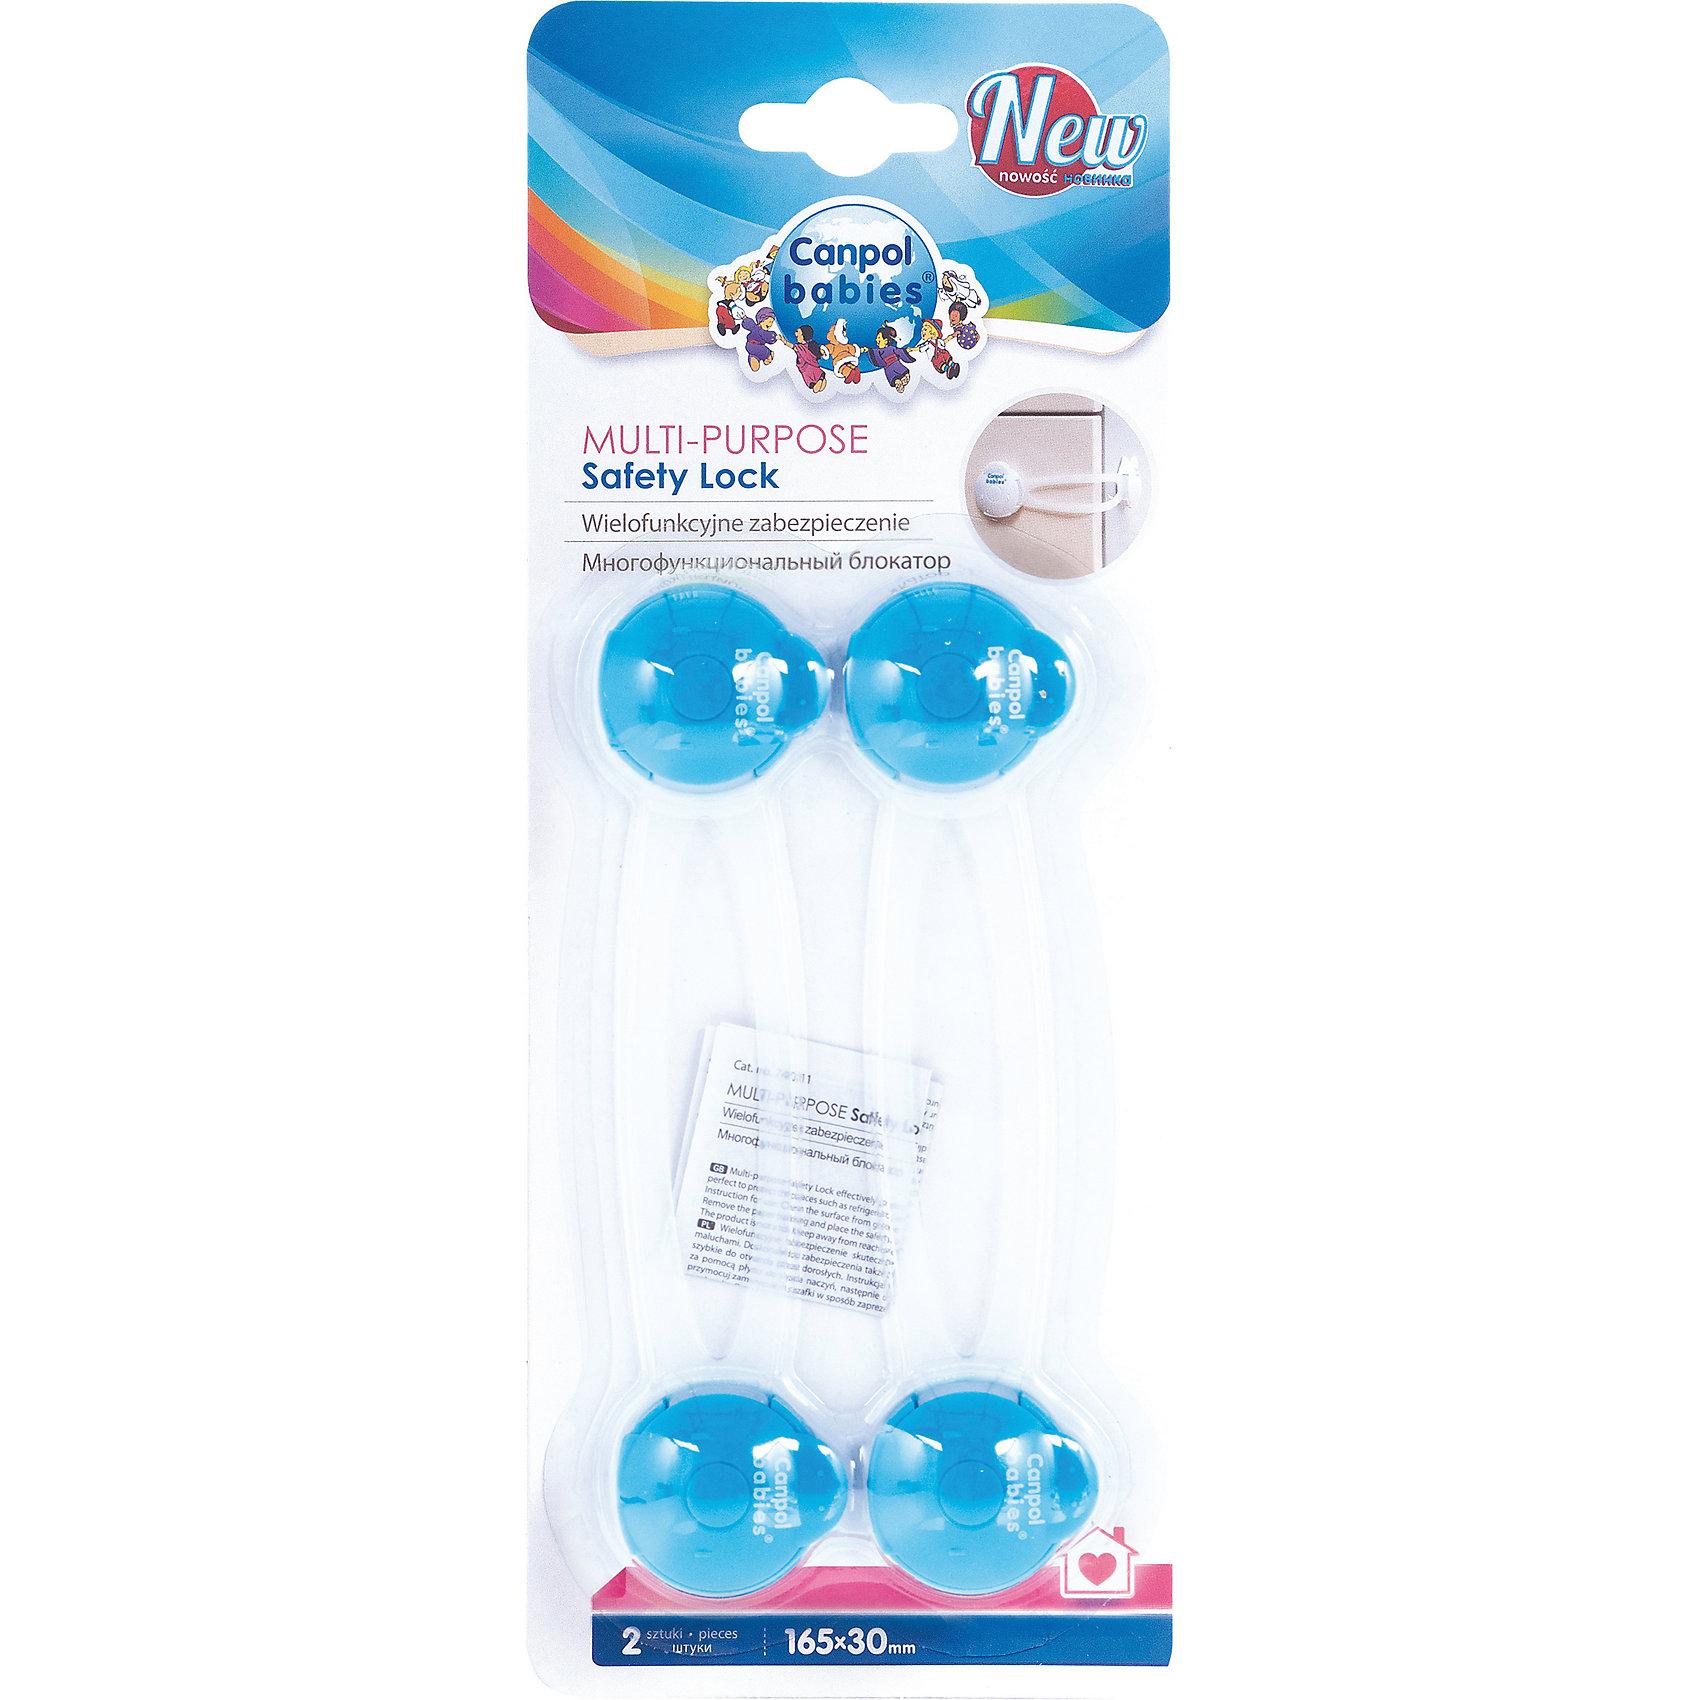 Блокатор многофункциональный 2 шт., Canpol Babies, синийБлокирующие и защитные устройства для дома<br>Блокатор многофункциональный 2 шт., Canpol Babies (Канпол Бейбис), синий. <br><br>Характеристики:<br>• Материал: пластик.<br>• Цвет: синий.<br>• В комплекте 2 шт.<br><br>Блокатор многофункциональный 2 шт., Canpol Babies (Канпол Бейбис) предназначен  для защиты малышей. Крепится на  двери и ящики мебели. Подходит также для холодильников и унитазов.<br>Сделайте свой дом безопасным для вашего любопытного малыша!<br><br>Блокатор многофункциональный 2 шт., Canpol Babies (Канпол Бейбис), синий можно купить в нашем интернет - магазине.<br><br>Ширина мм: 105<br>Глубина мм: 15<br>Высота мм: 275<br>Вес г: 280<br>Возраст от месяцев: 0<br>Возраст до месяцев: 36<br>Пол: Мужской<br>Возраст: Детский<br>SKU: 5156822